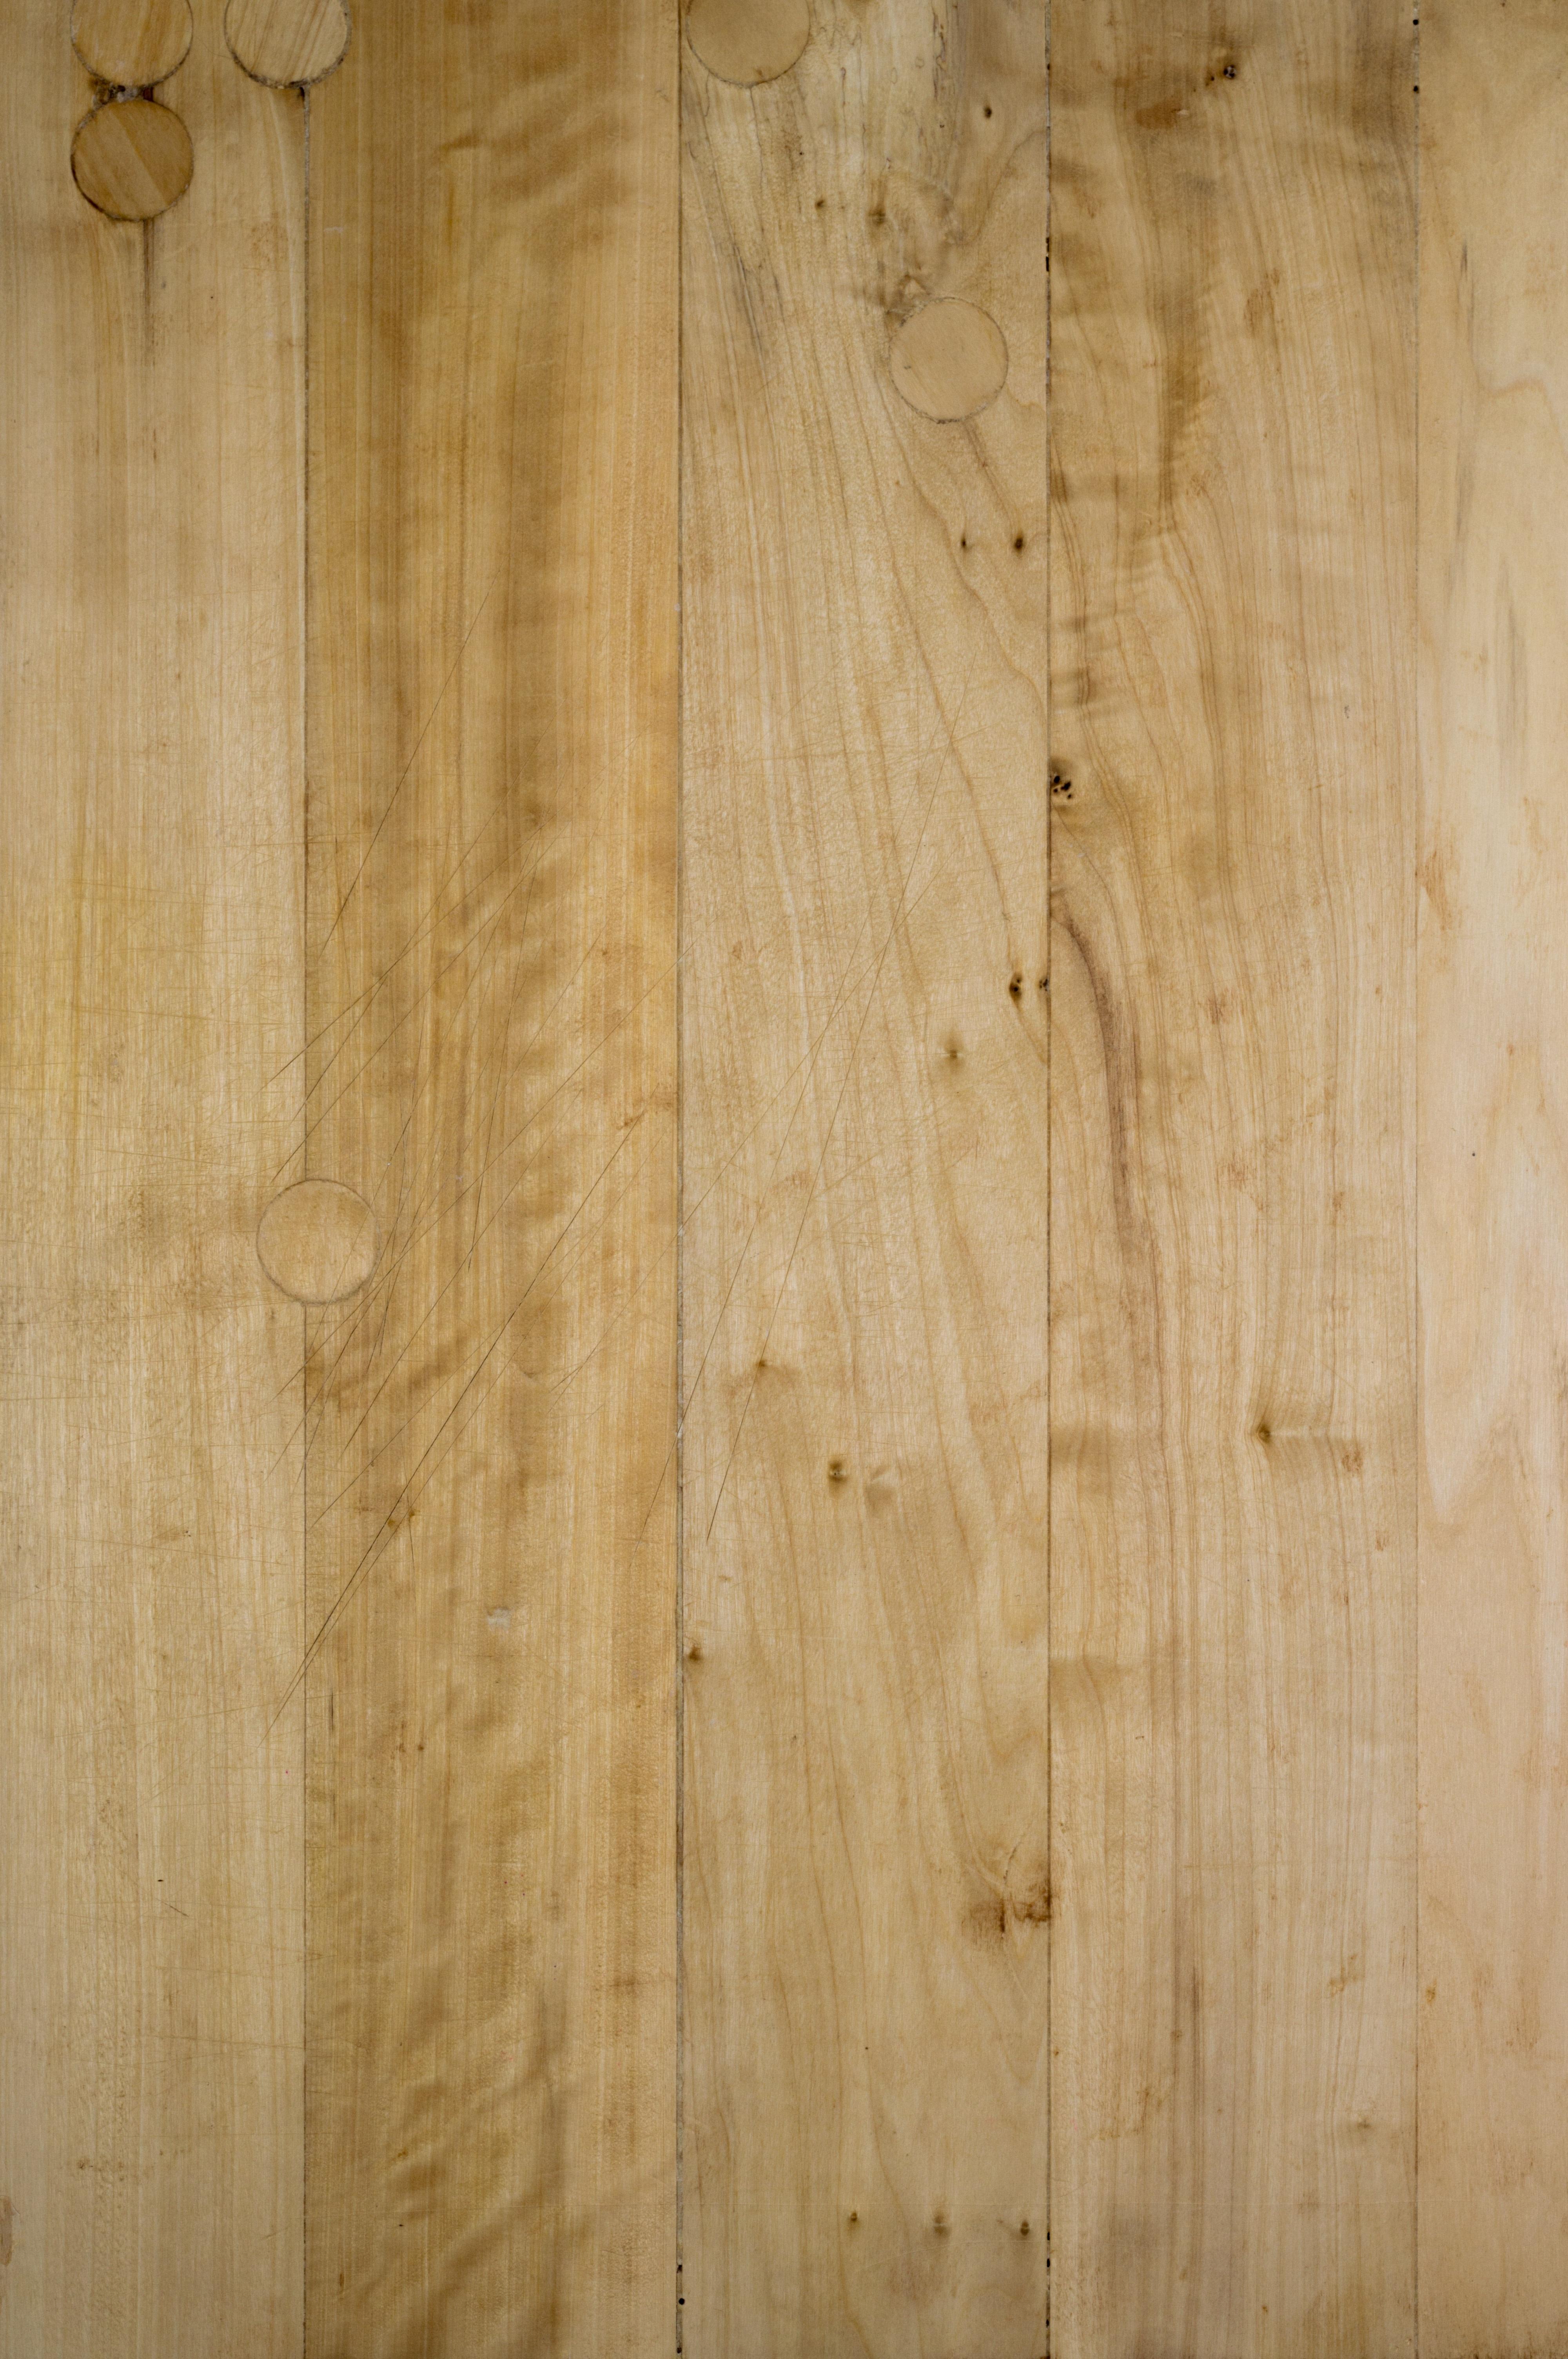 무료 이미지 : 책상, 표, 포도 수확, 조직, 널빤지, 갈색, 더러운 ...